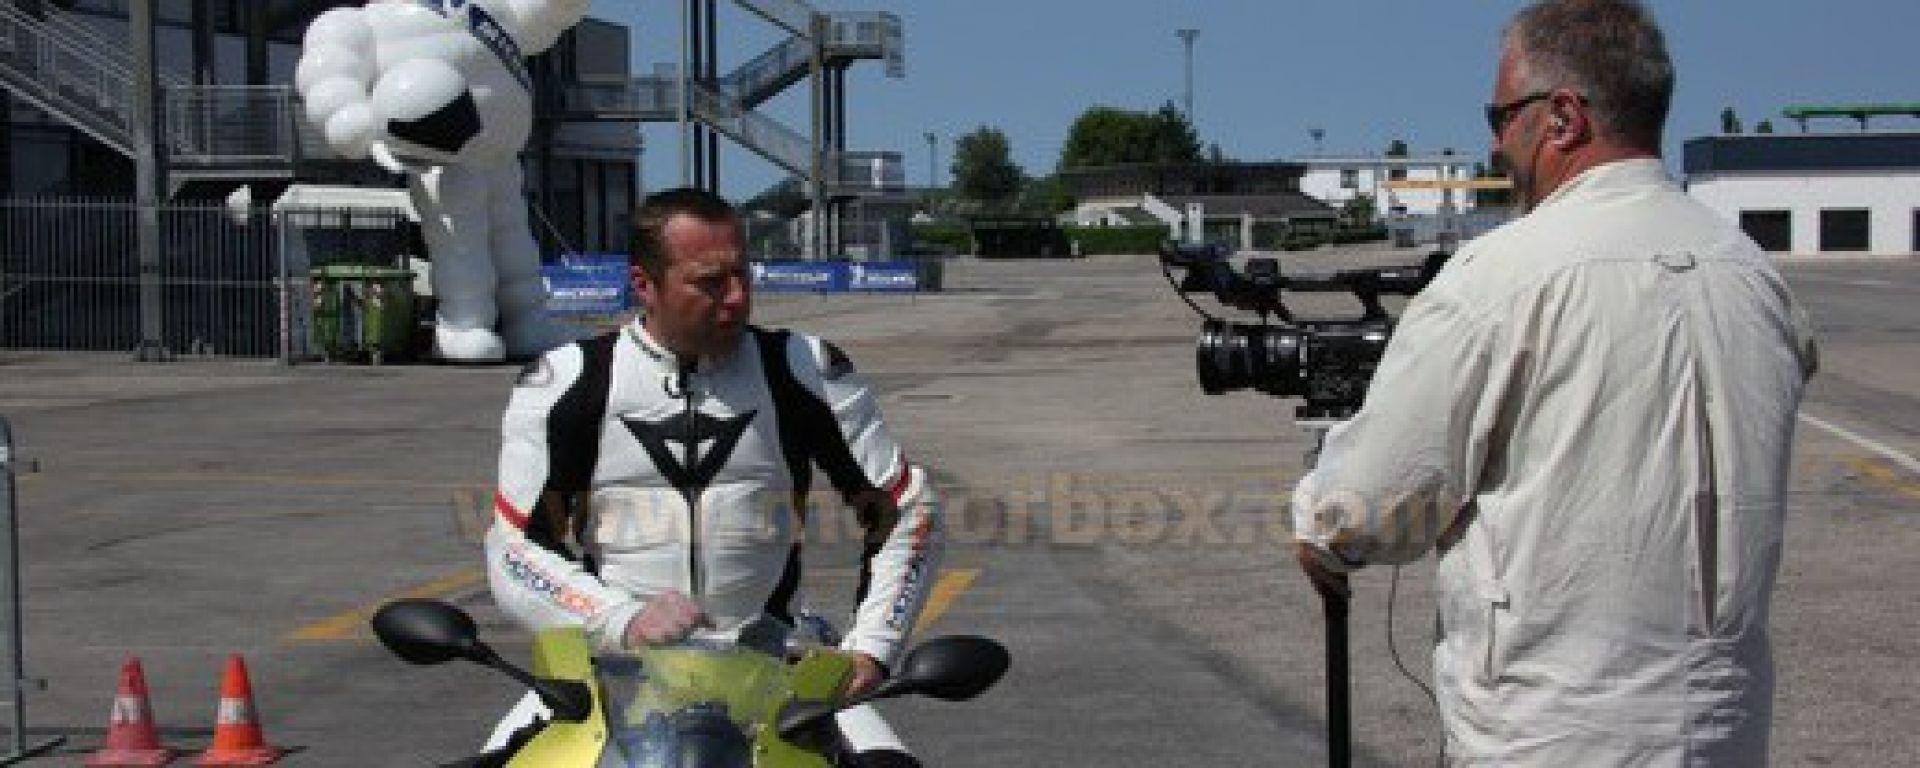 Come scegliere la gomma giusta per la propria moto